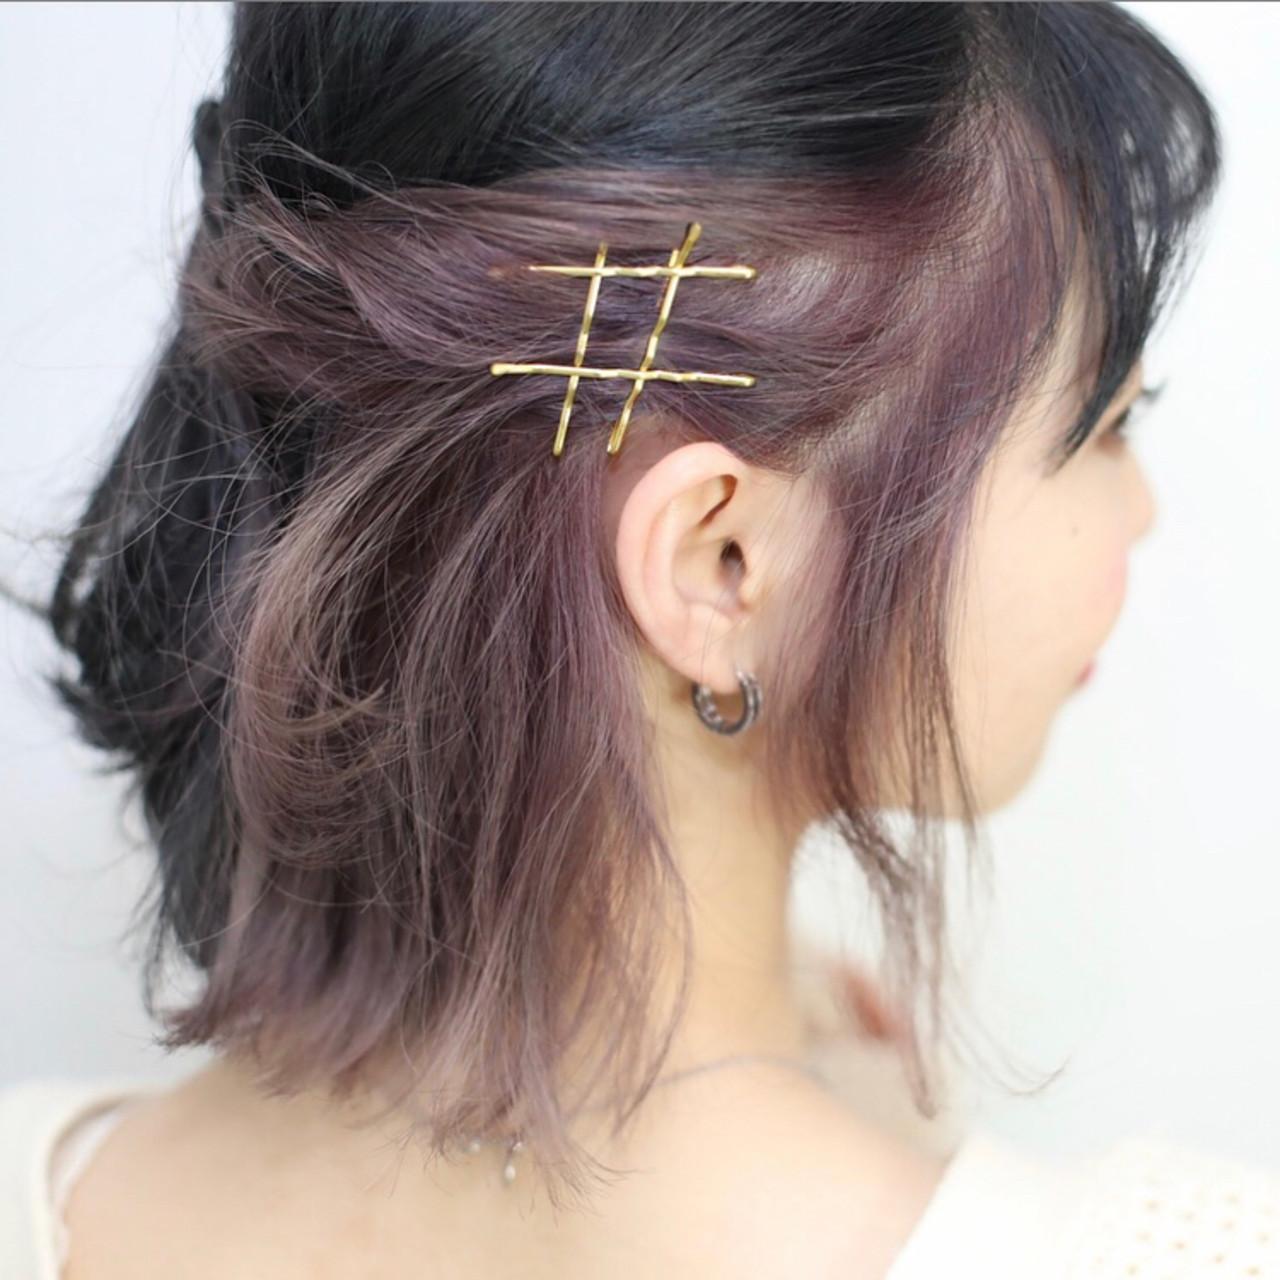 インナーカラー ボブ ヘアアレンジ ハーフアップ ヘアスタイルや髪型の写真・画像